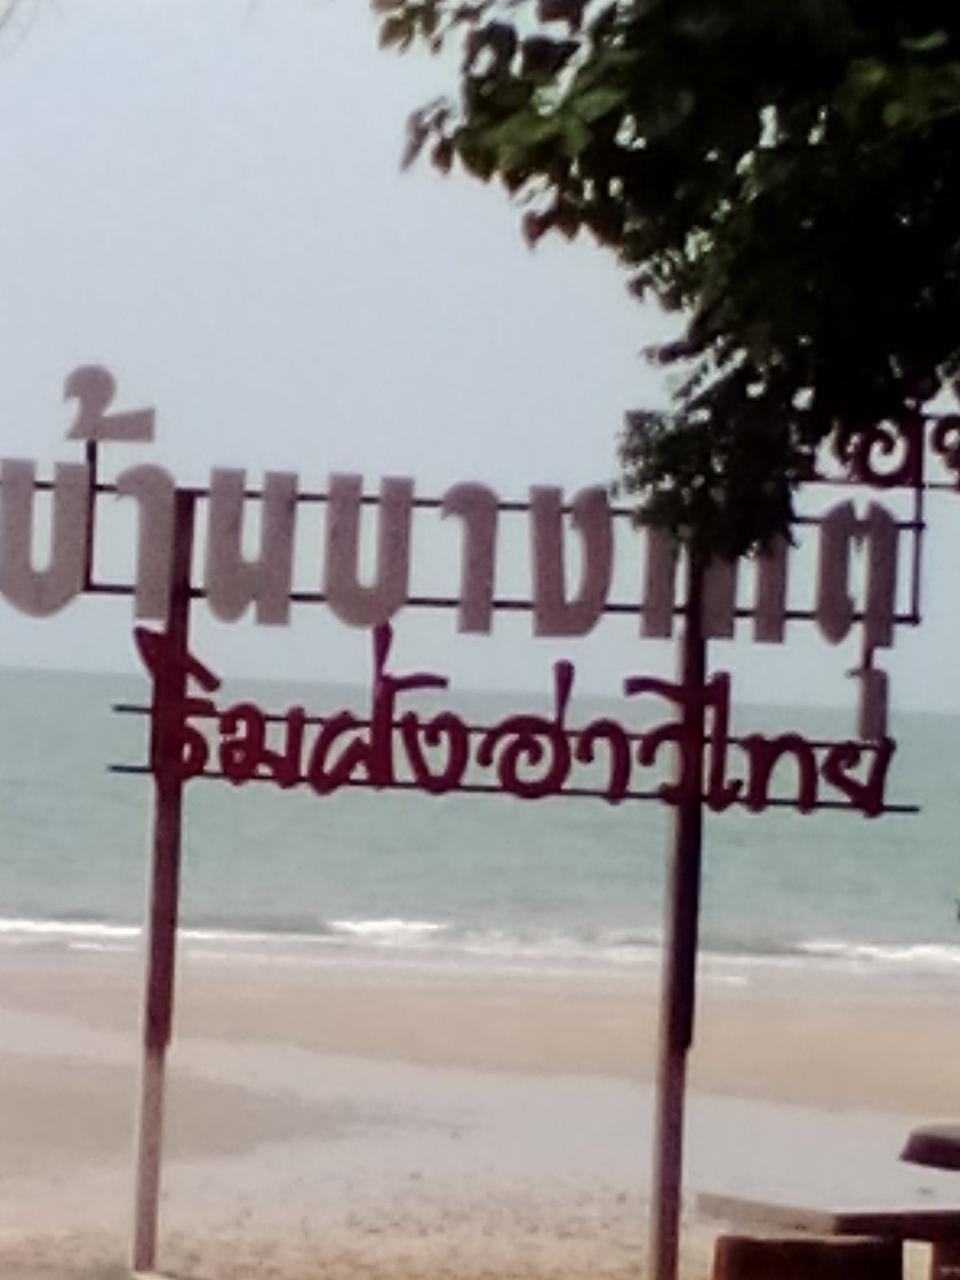 ที่ดินชายทะเล 107 ตรว. บ้านบางเกตุ ซอย2        300 ม.ถึงชายหาด บรรยากาศ สงบ รูปที่ 6